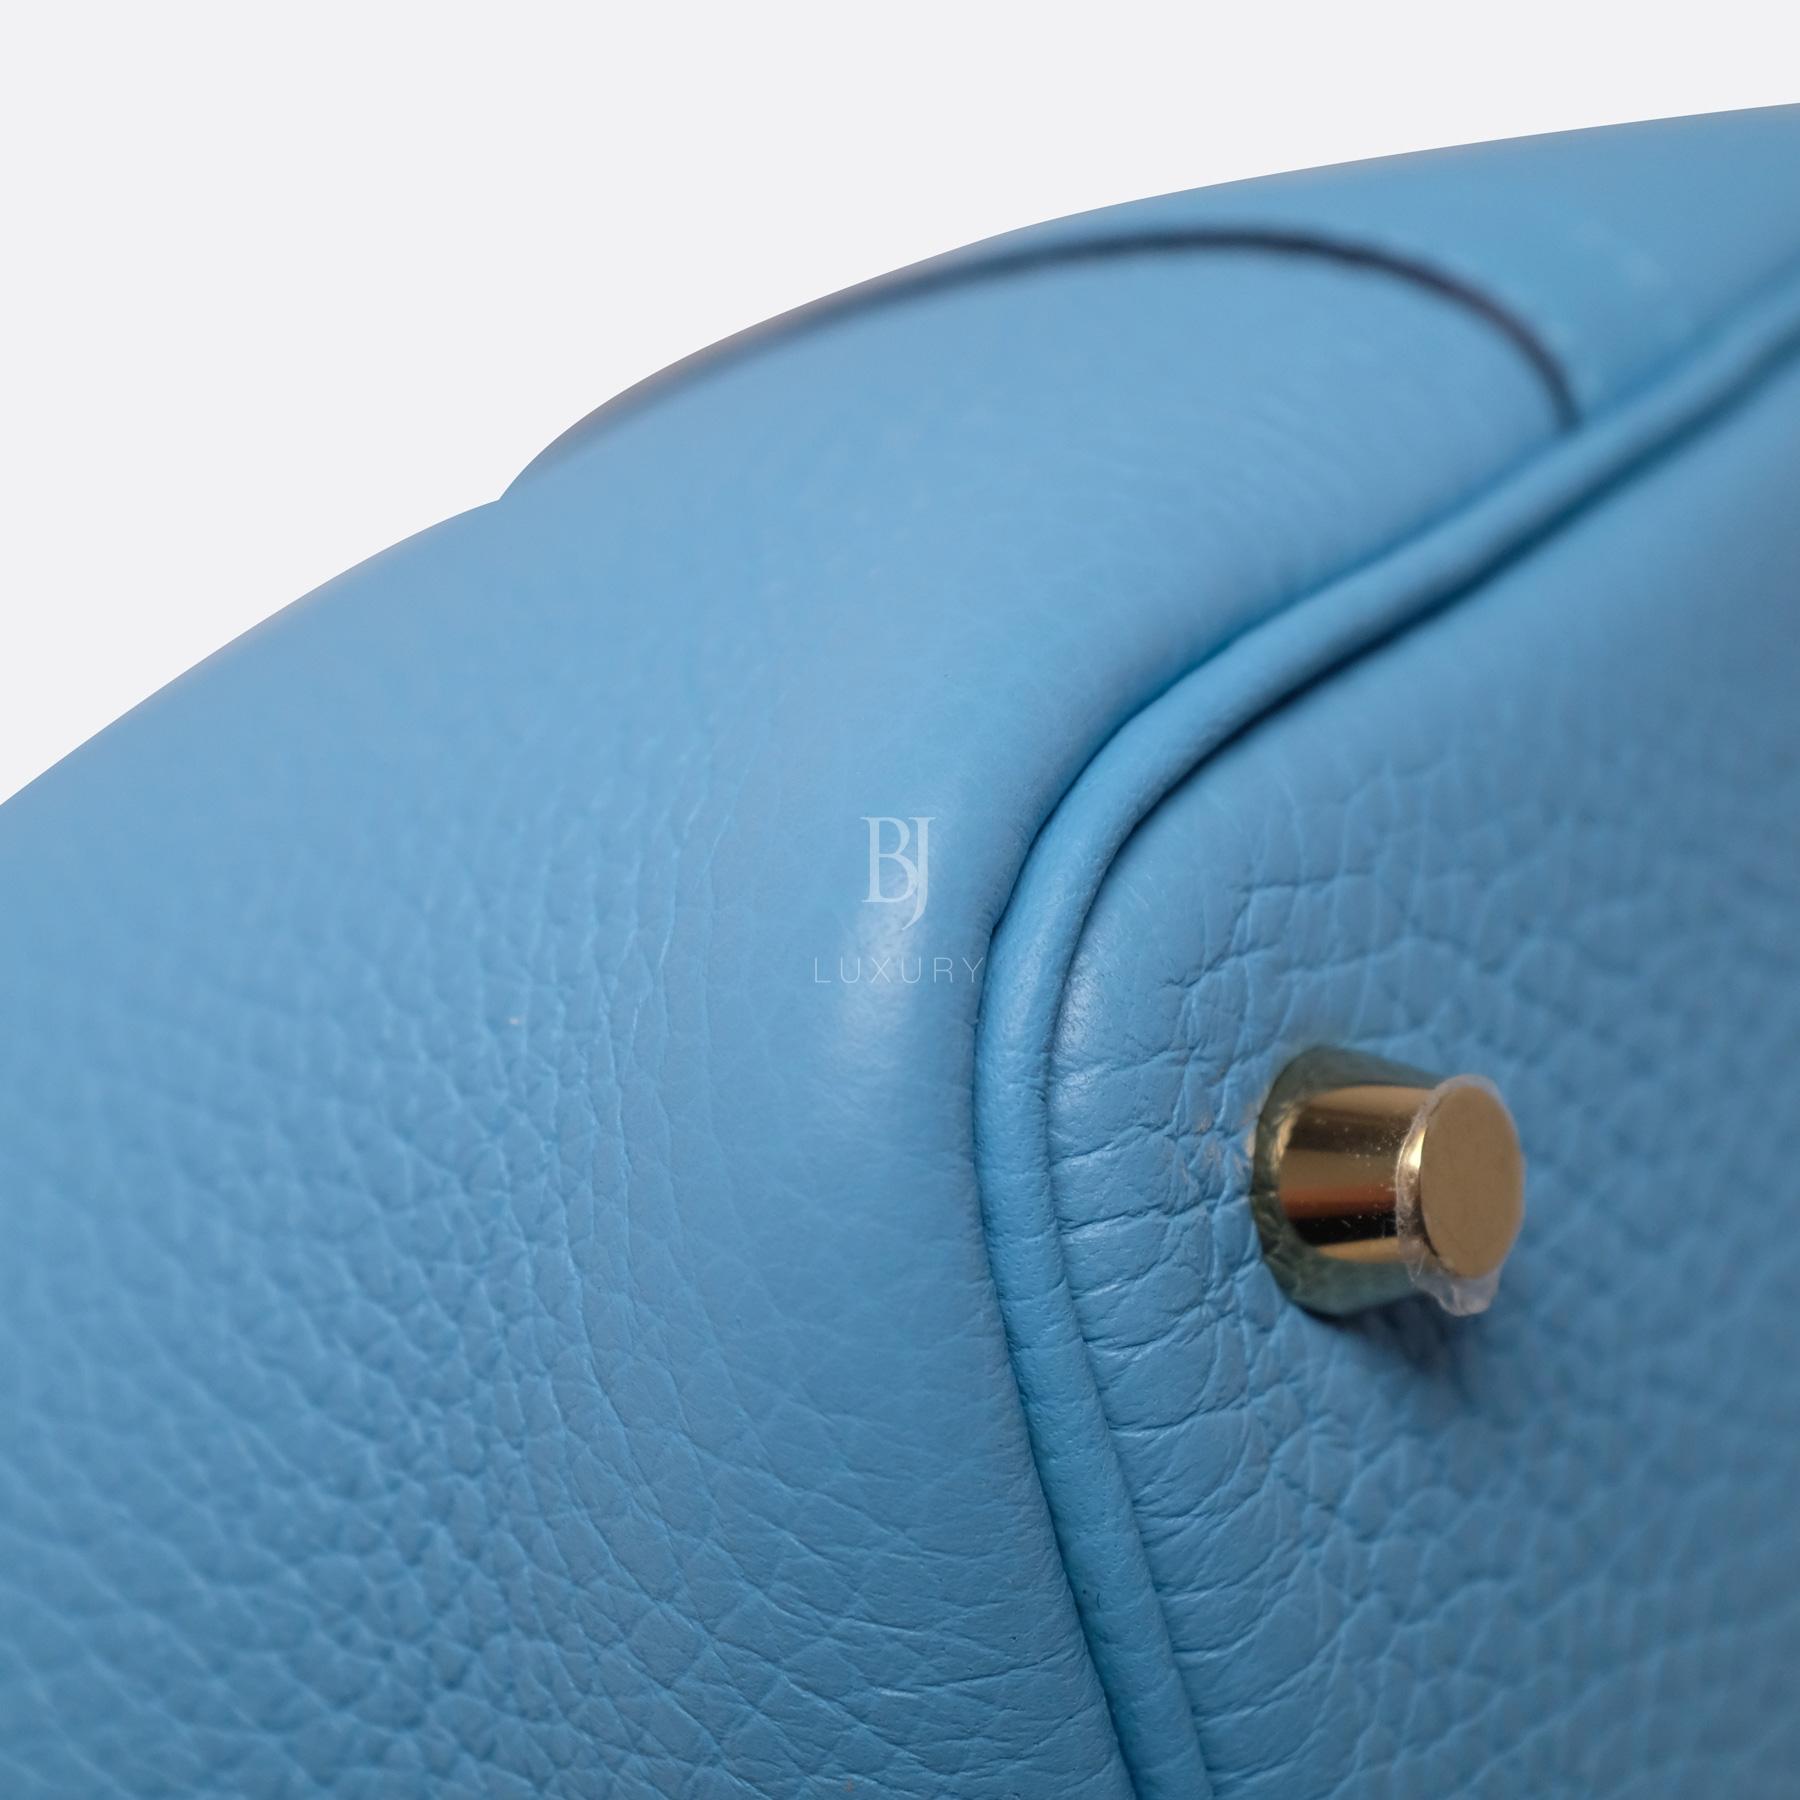 Hermes Picotin 18 Bleu Du Nord Clemence Gold BJ Luxury 10.jpg